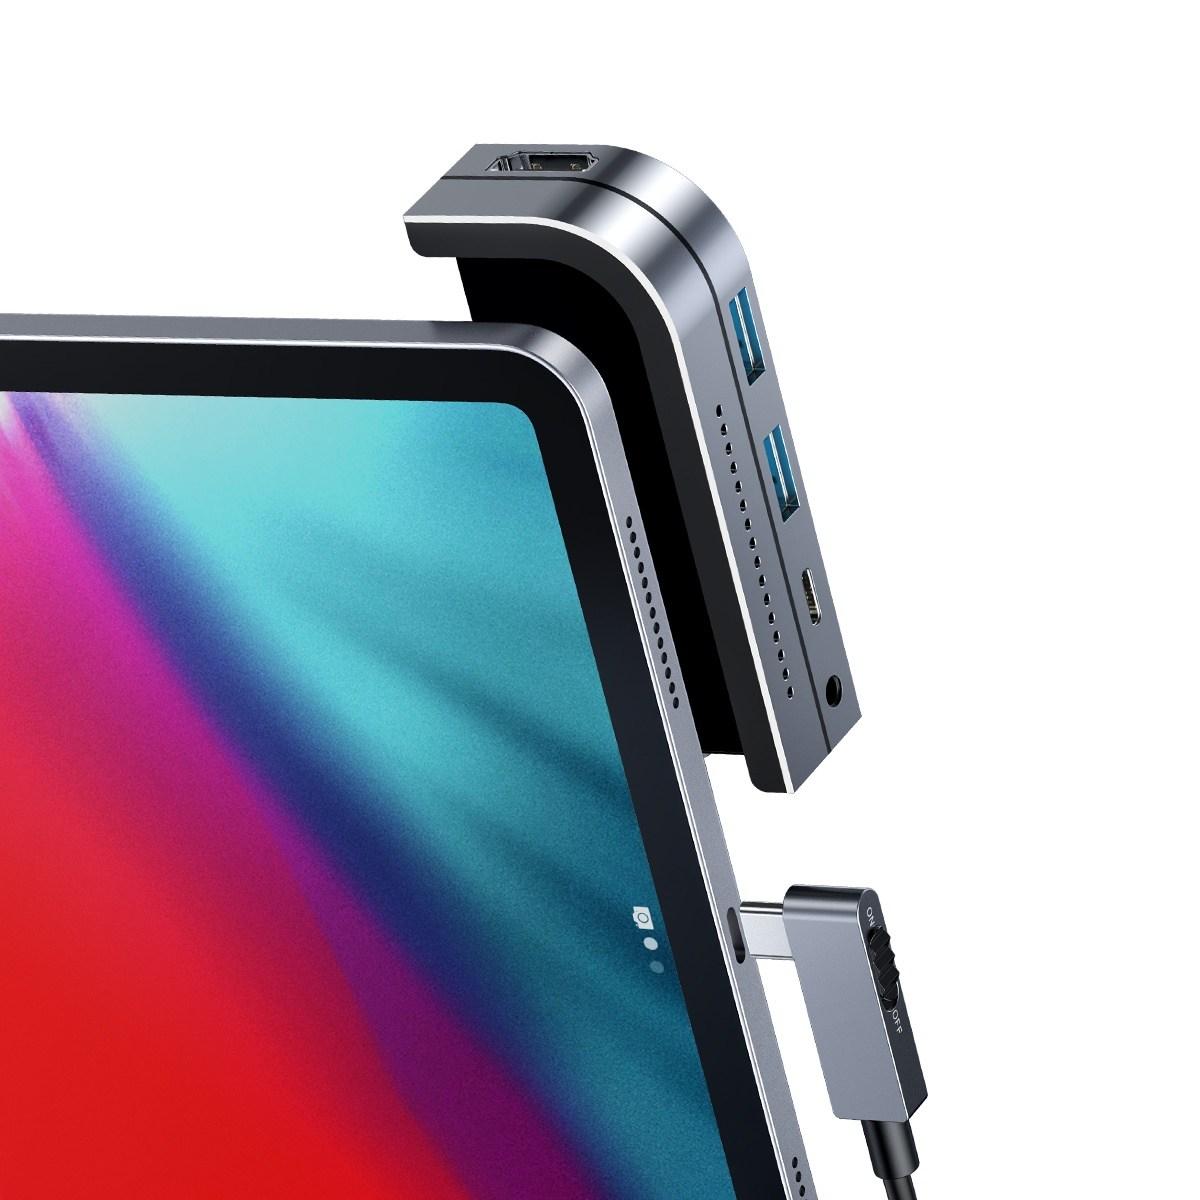 베이스어스 업그레이드 아이패드프로 3세대 4세대 허브 BASEUS C타입 4K HDMI, 그레이